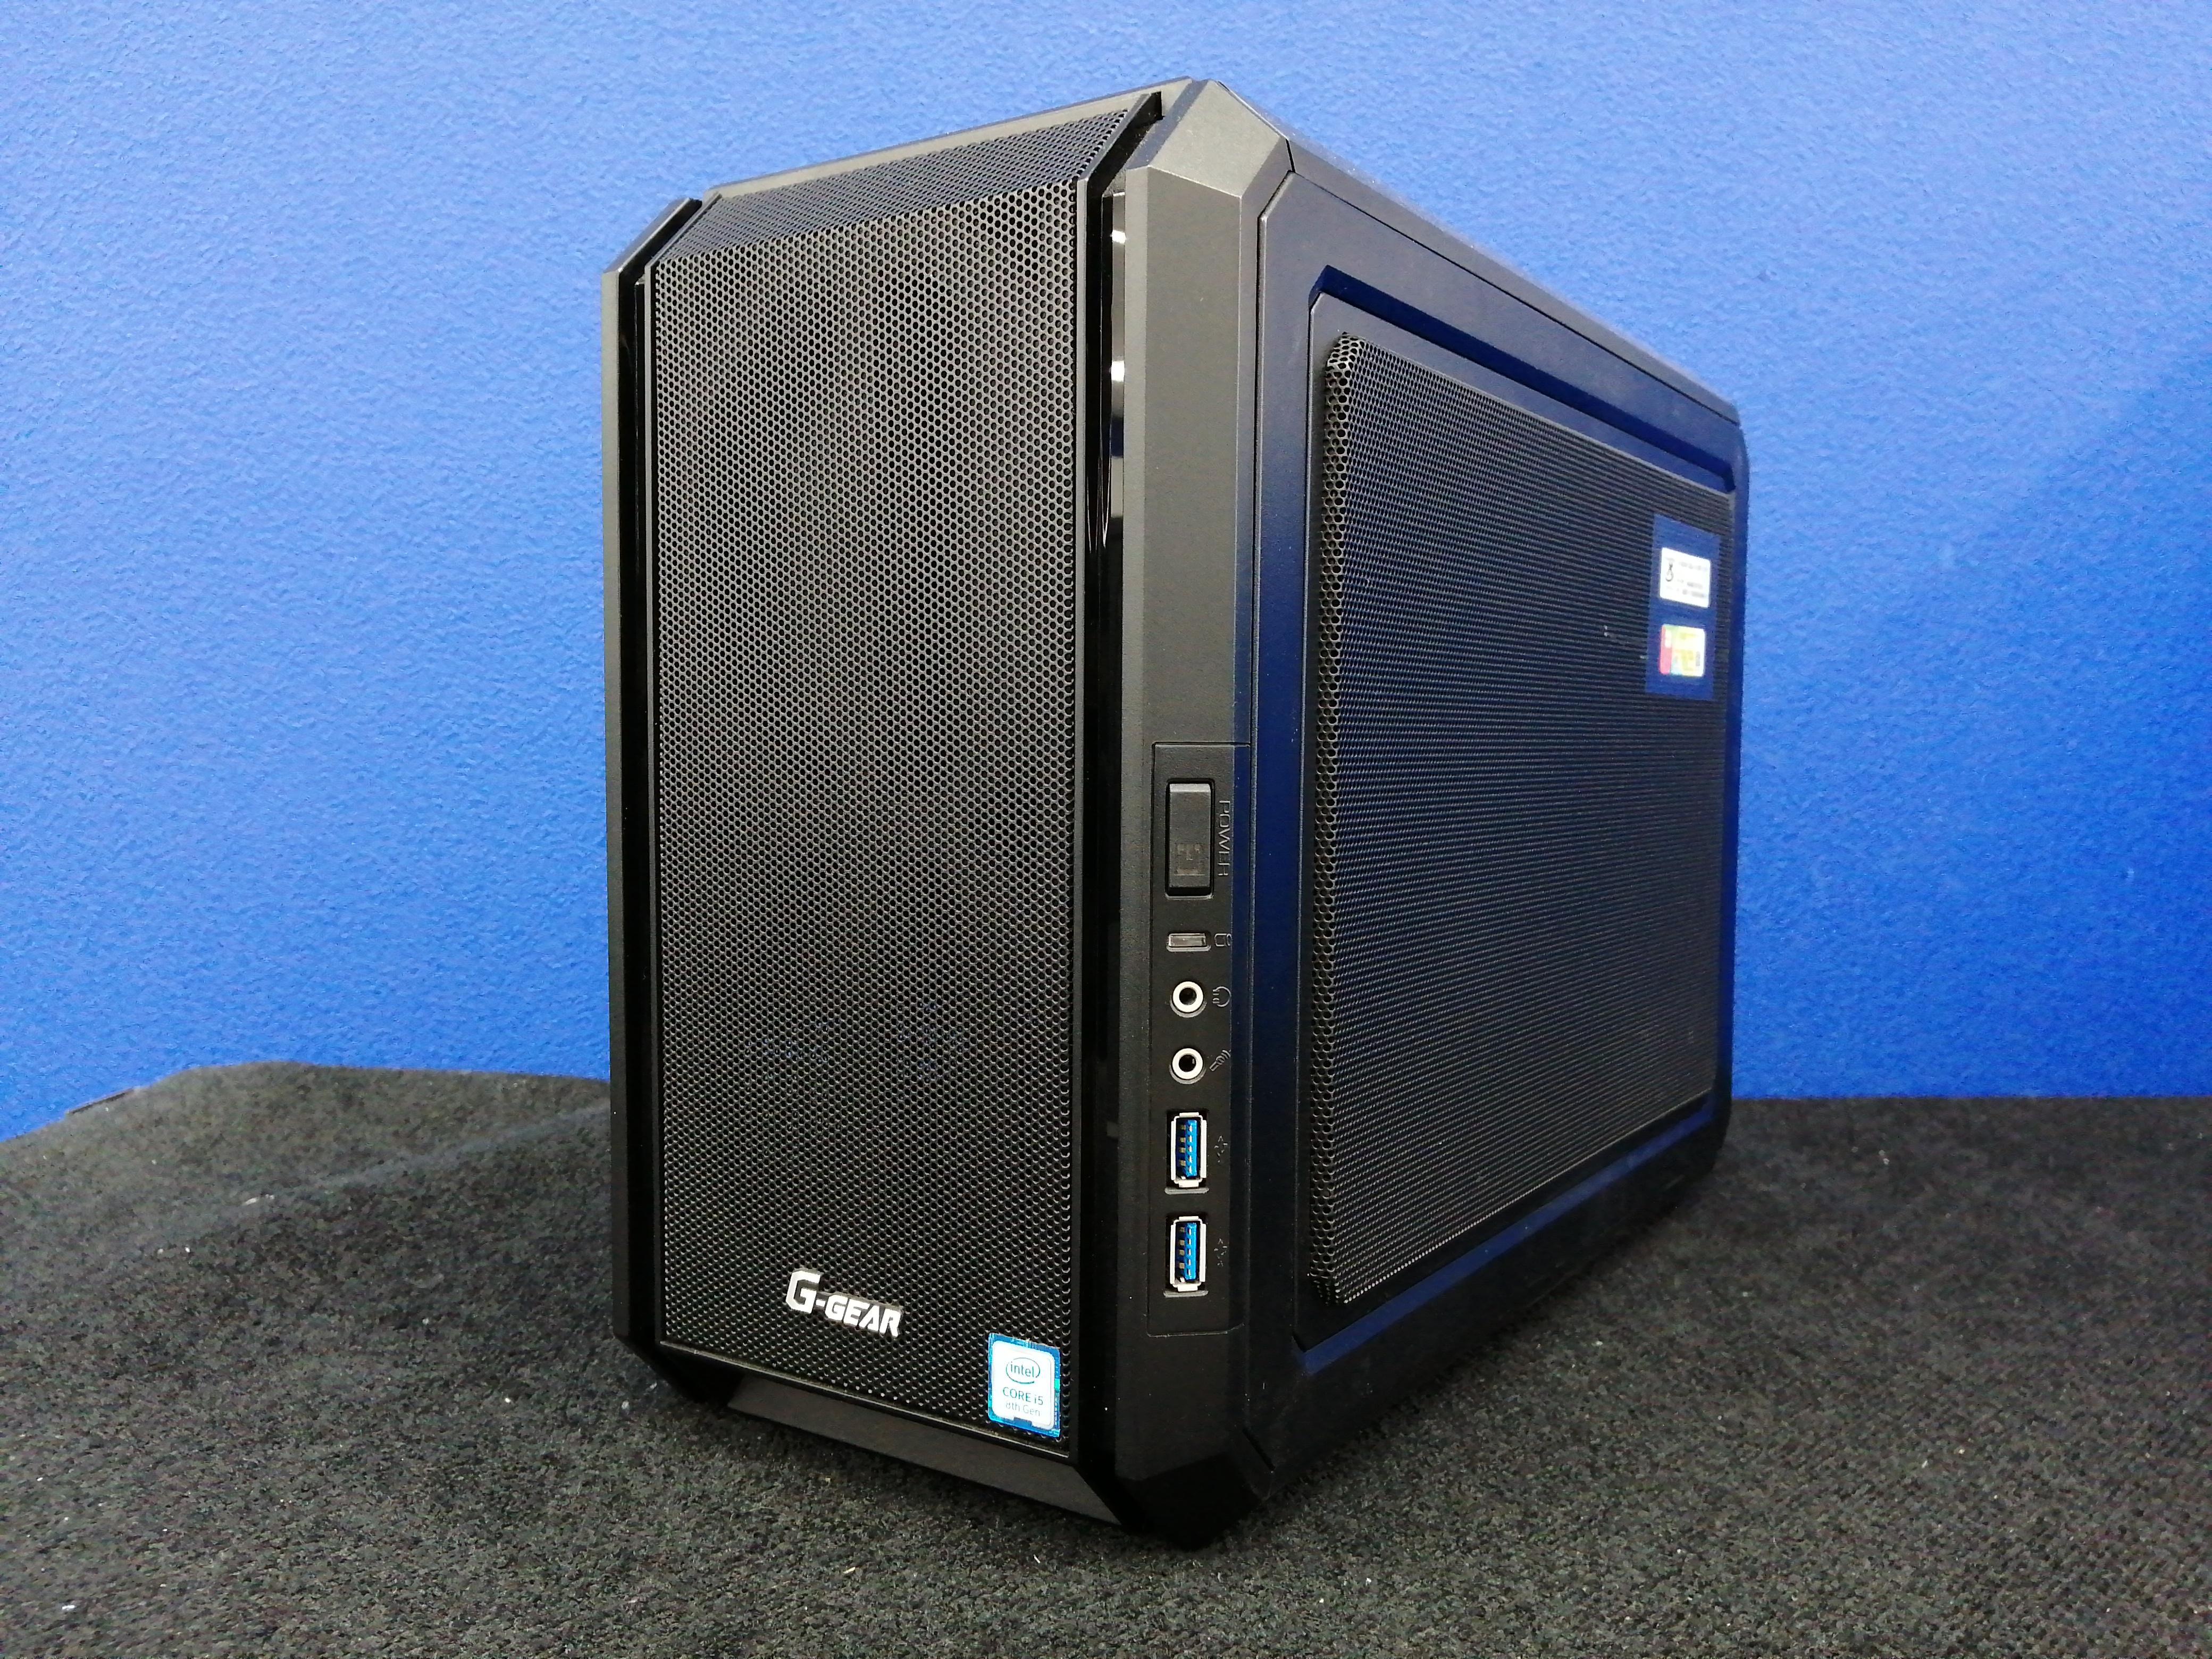 デスクトップPC|G-GEAR